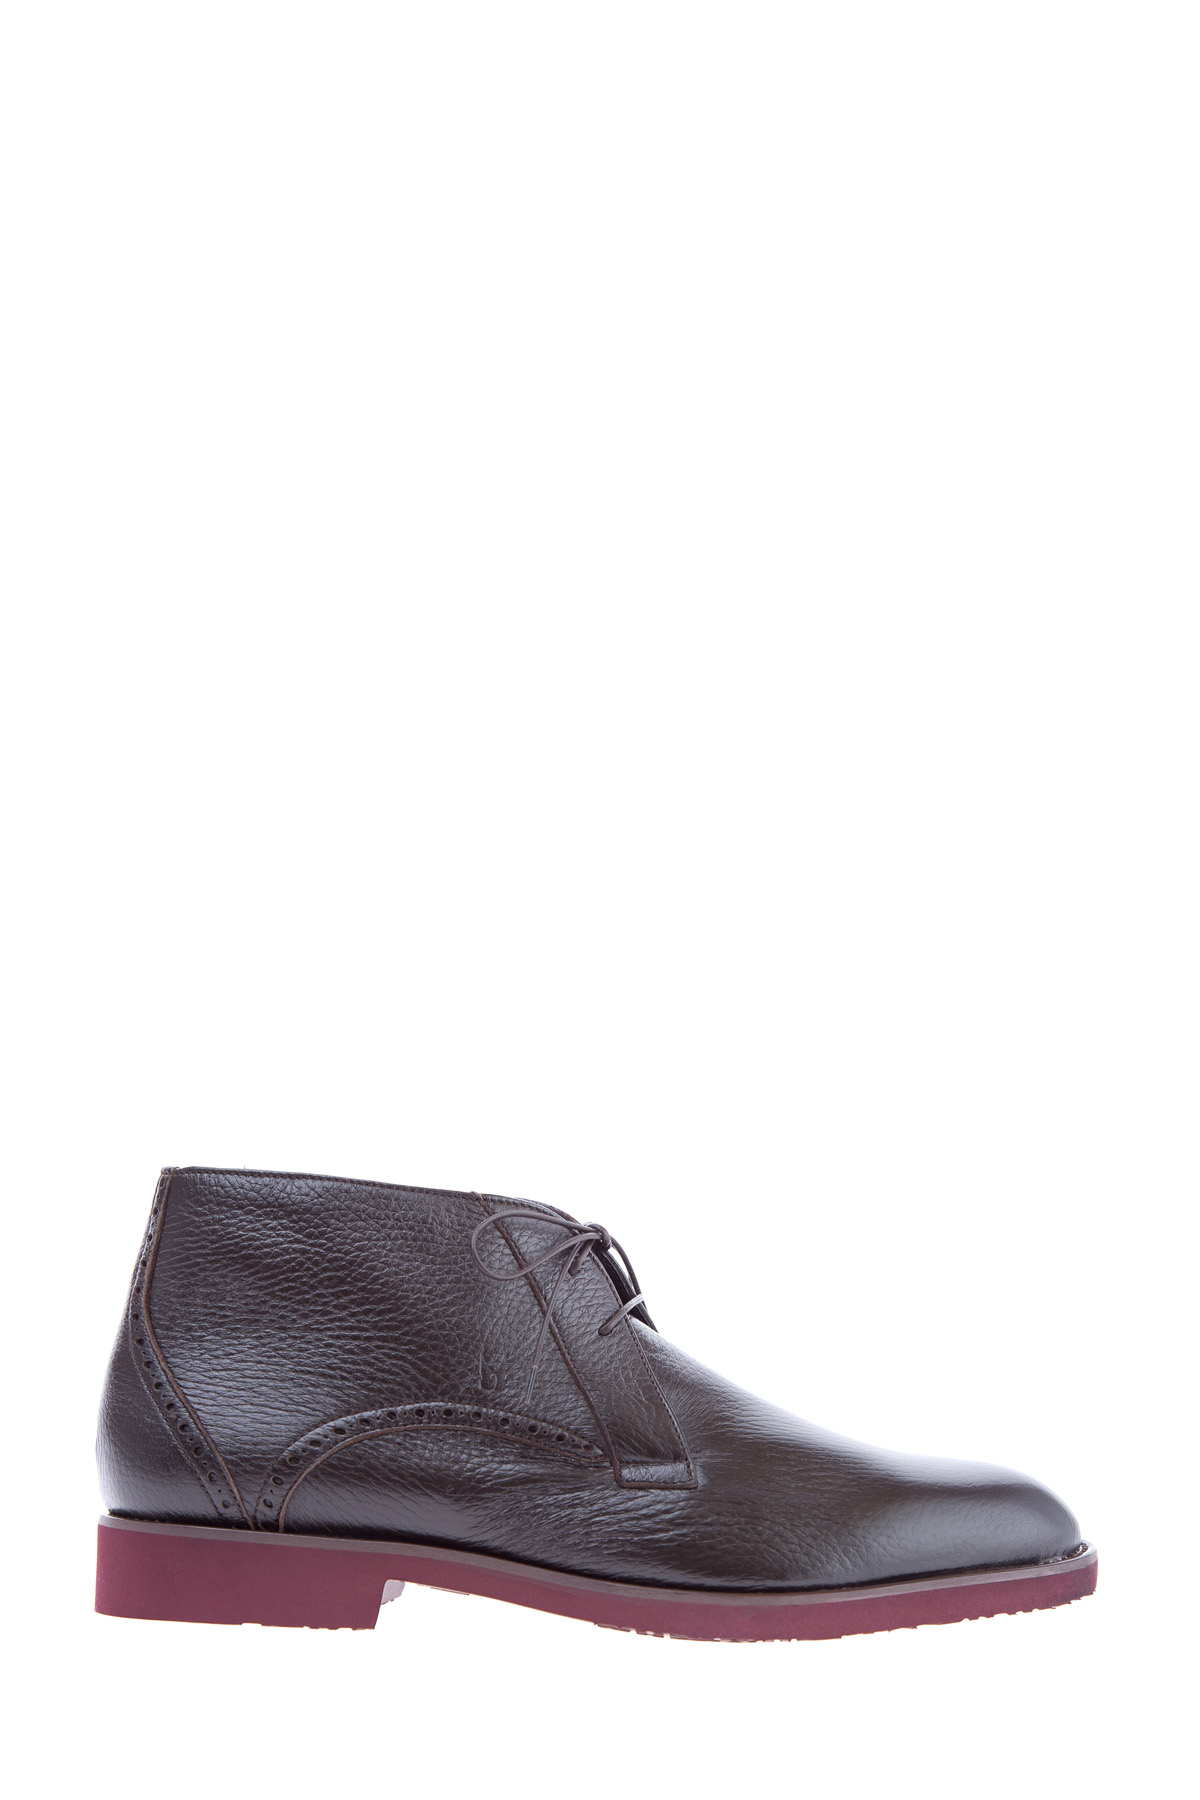 Купить Ботинки, MORESCHI, Италия, кожа 100%, мех 100%